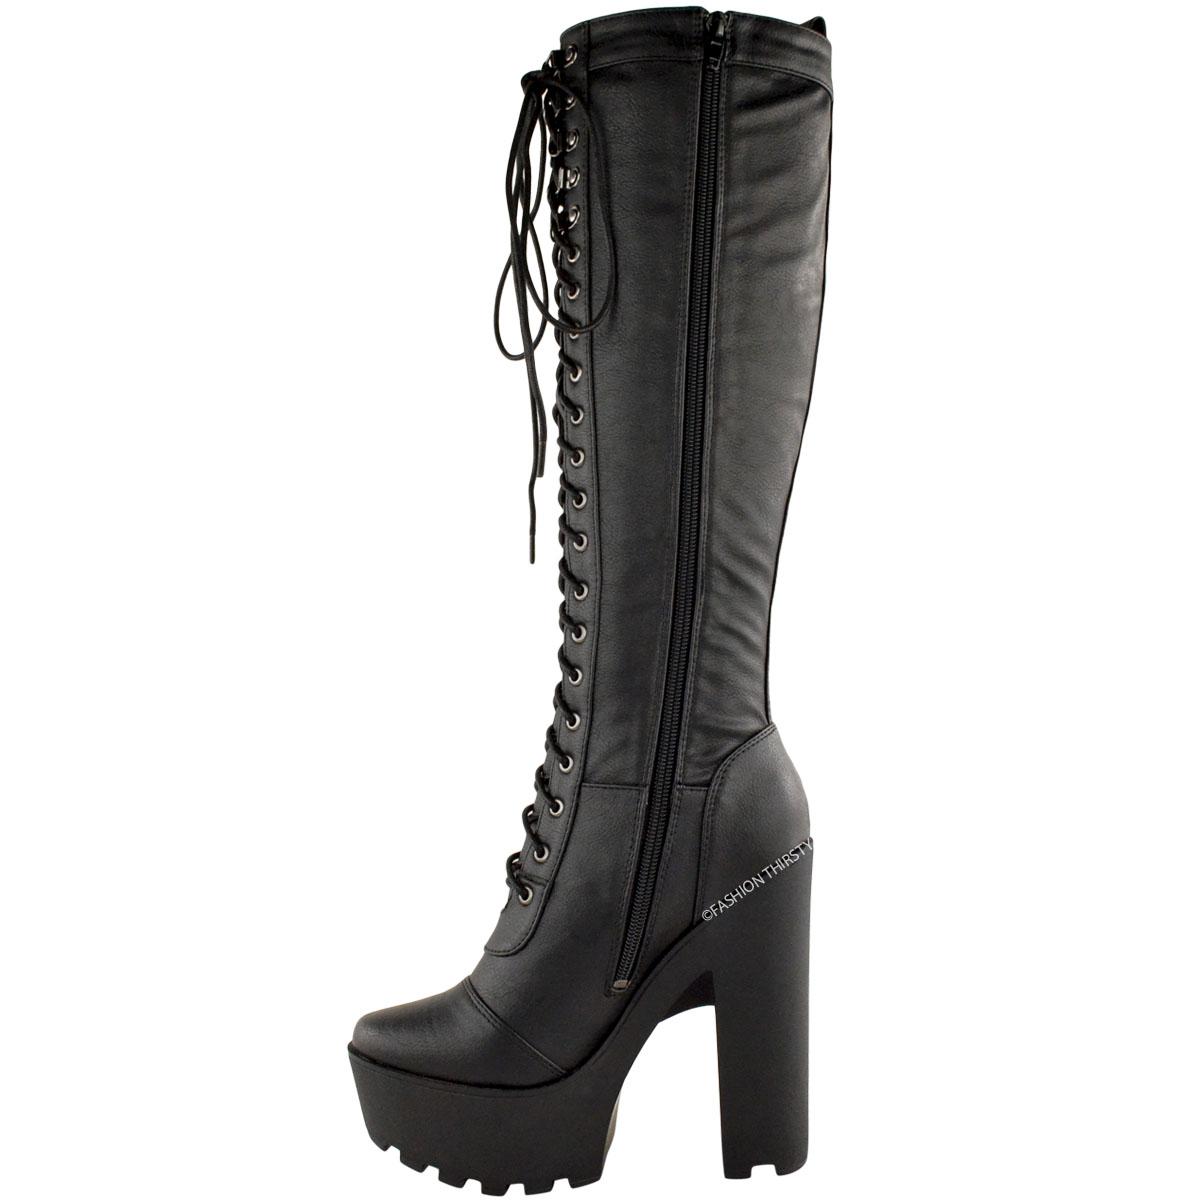 femmes talon haut hauteur genou bottes lacet bloc semelle compens e motard ebay. Black Bedroom Furniture Sets. Home Design Ideas